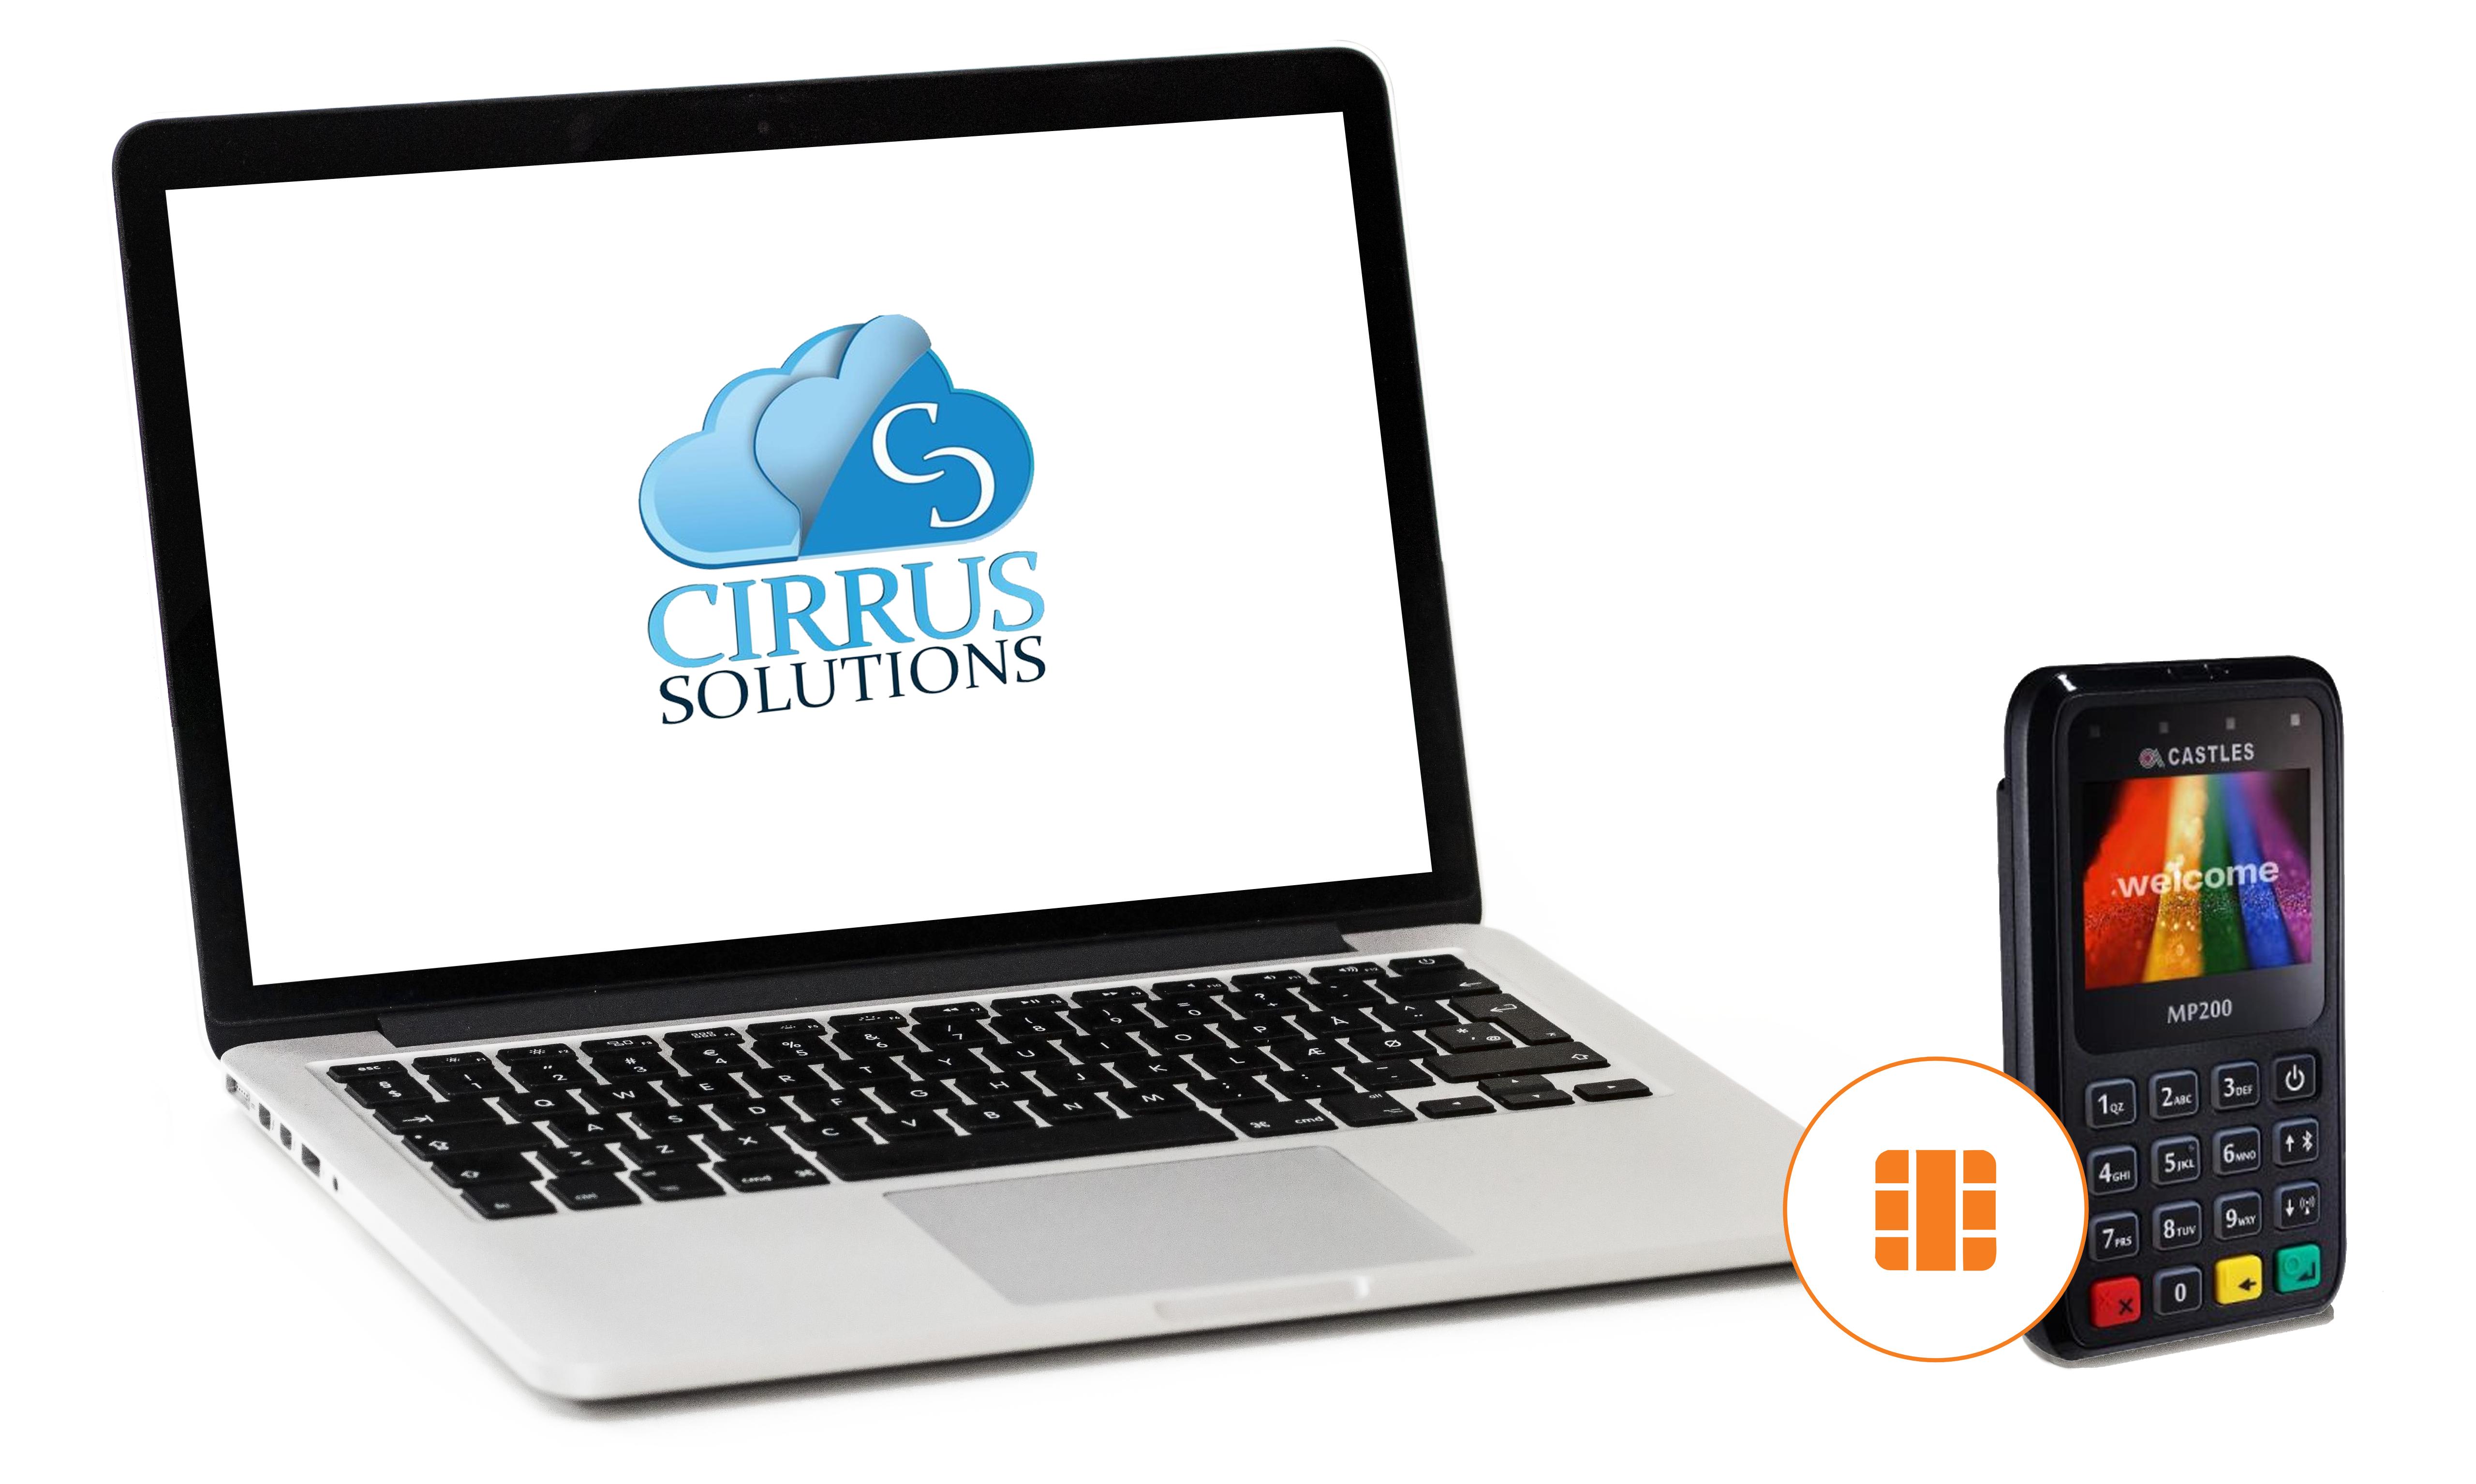 Cirrus Solutions